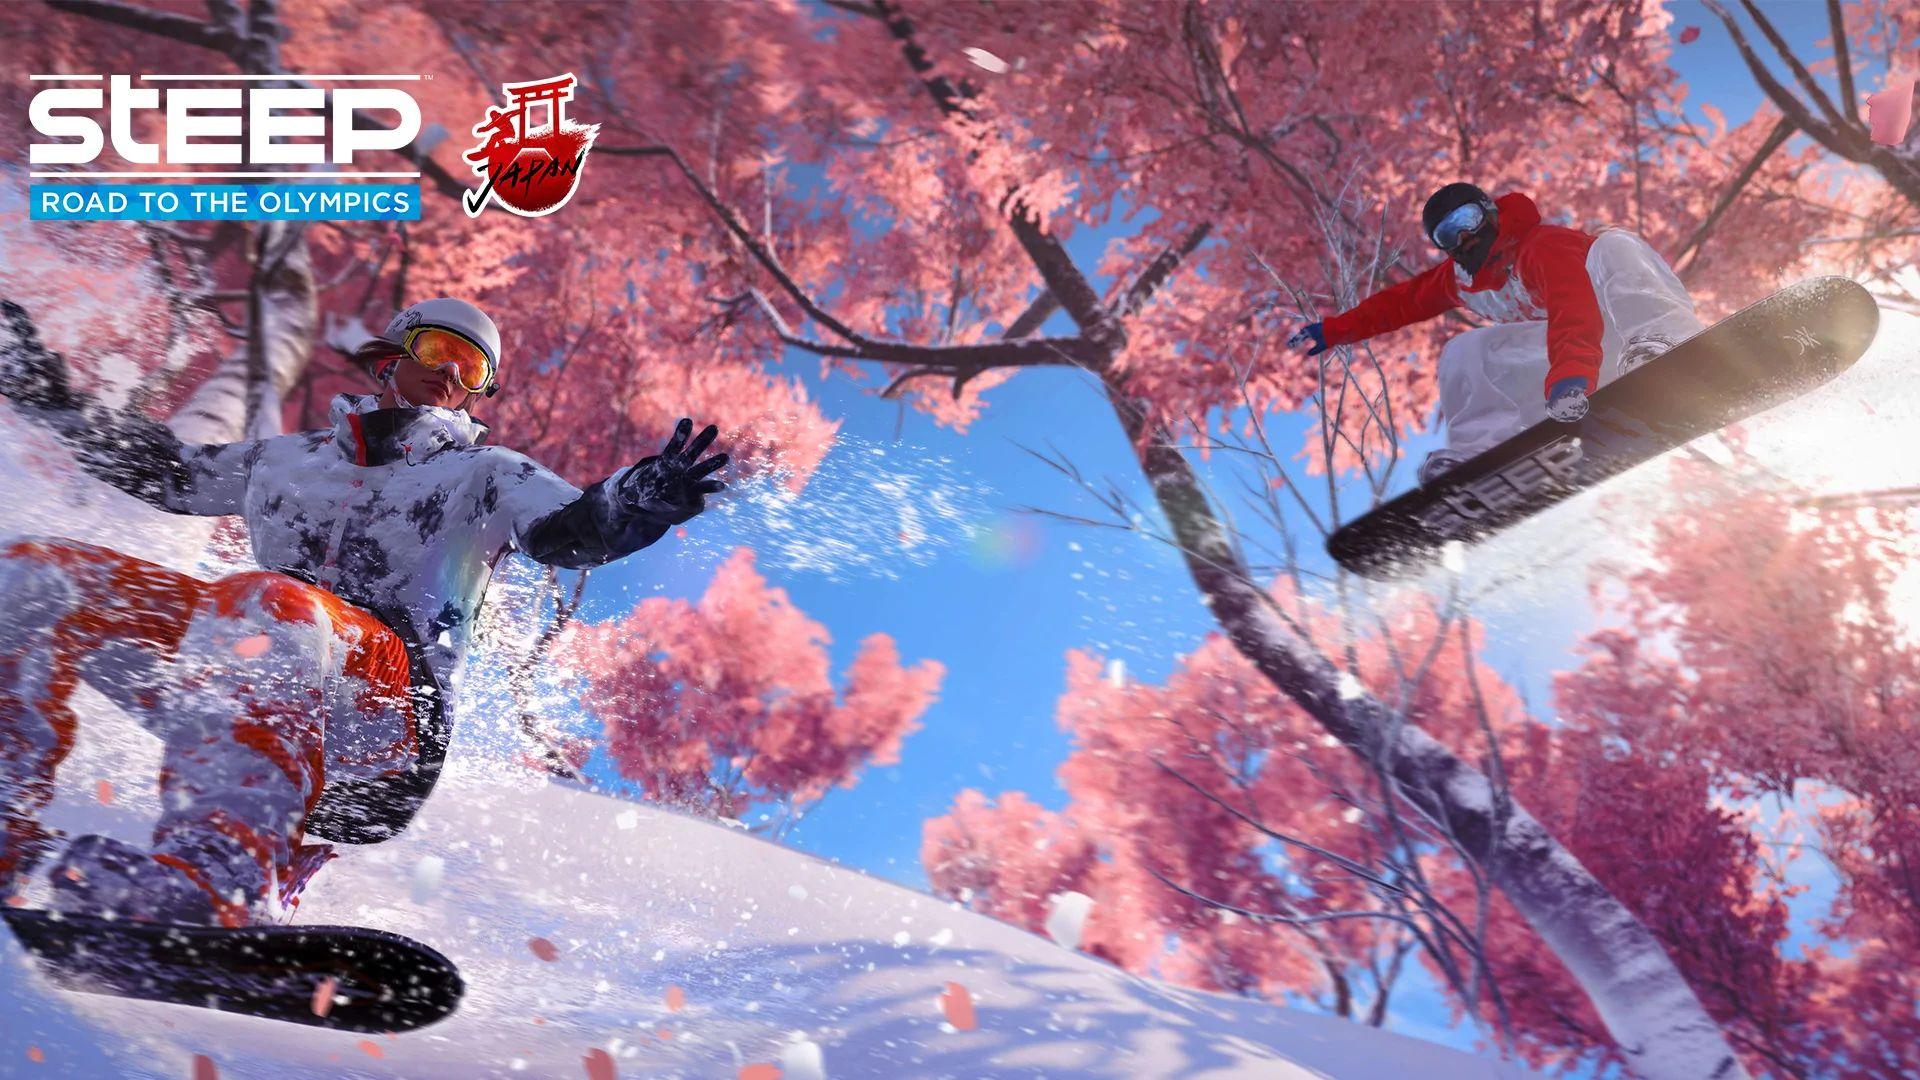 STEEP: die Japankarte gibt es während der E3 2019 kostenlos